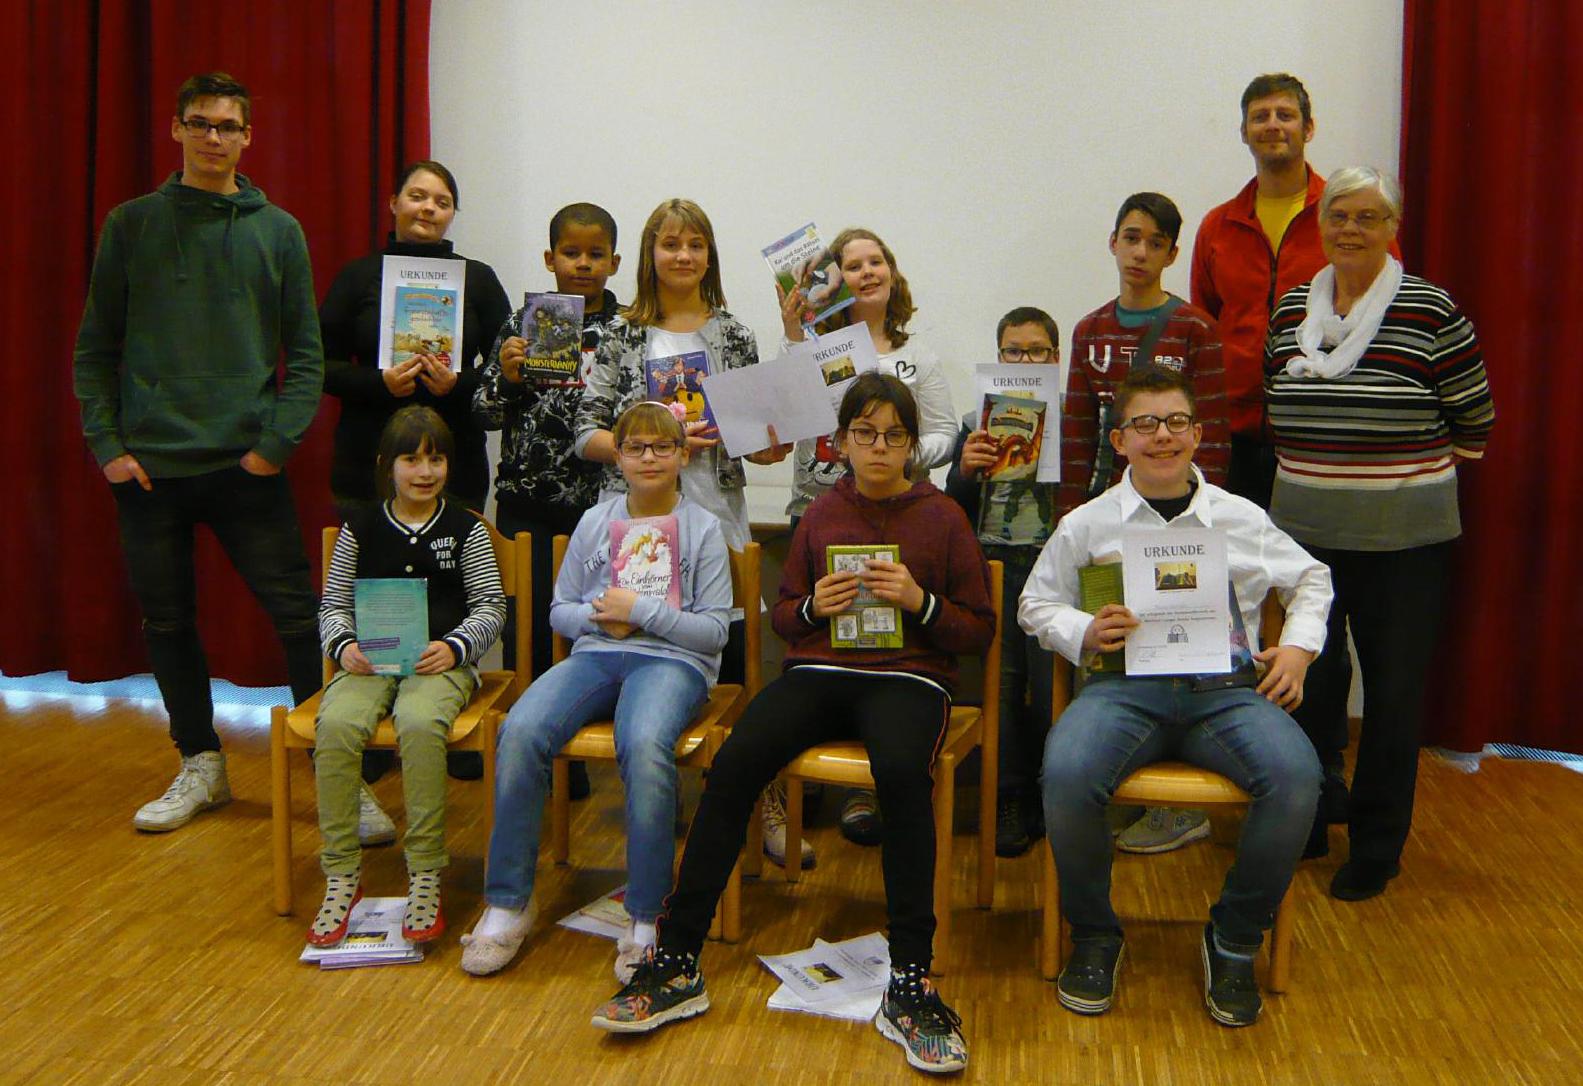 Vorlesewettbewerb in der Dr. Bernhard Leniger Schule